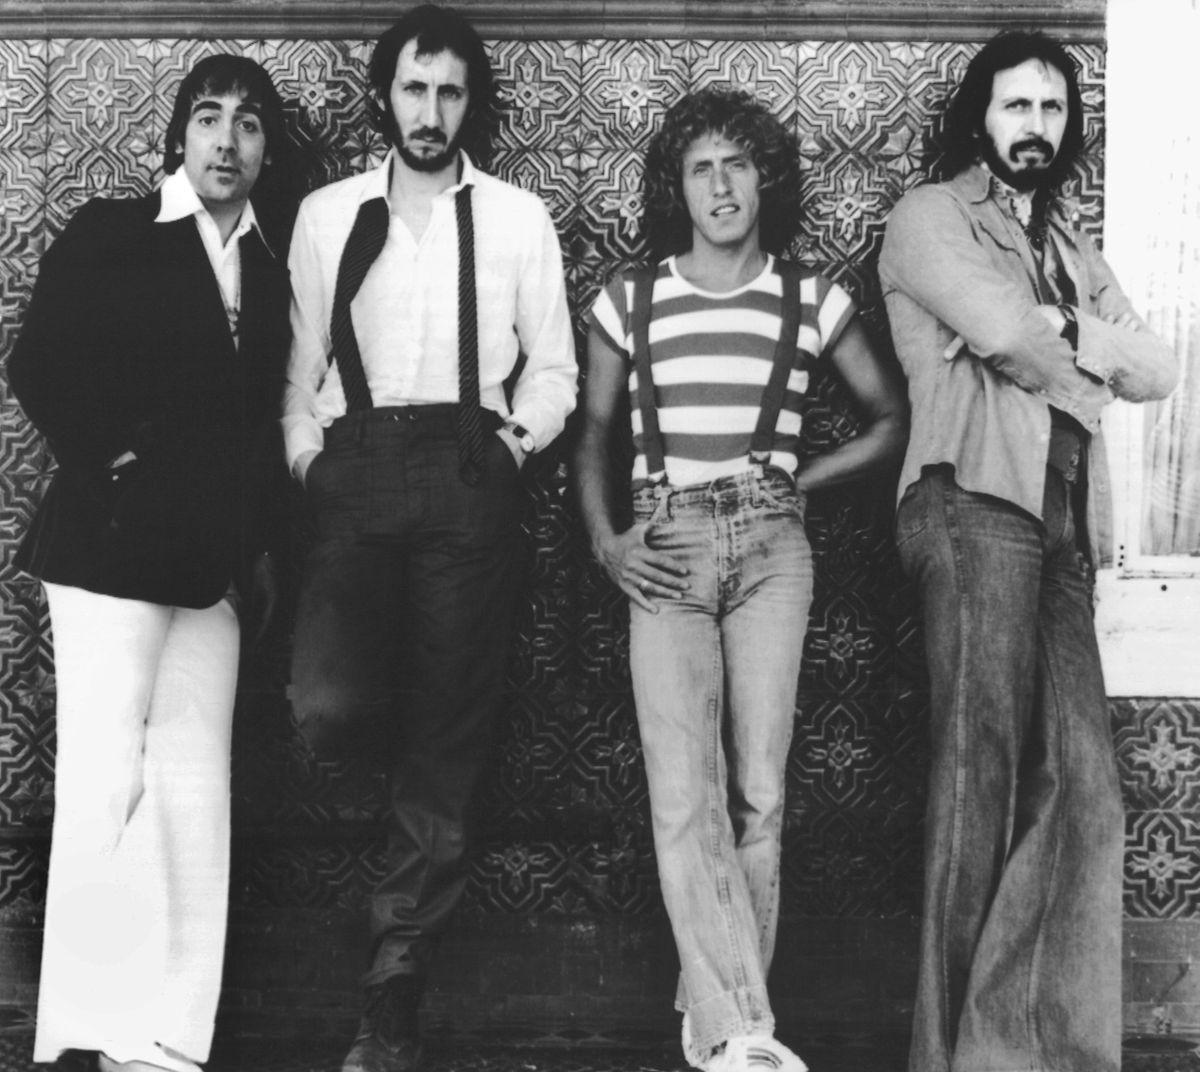 Kultband: Eines der letzten Bandfotos, das die Originalbesetzung von THe Who zeigt, aus dem Jahr 1978. Keith Moon (l.) starb wenig später. Townshend (2.v.l.)  hatte schwer damit zu kämpfen.